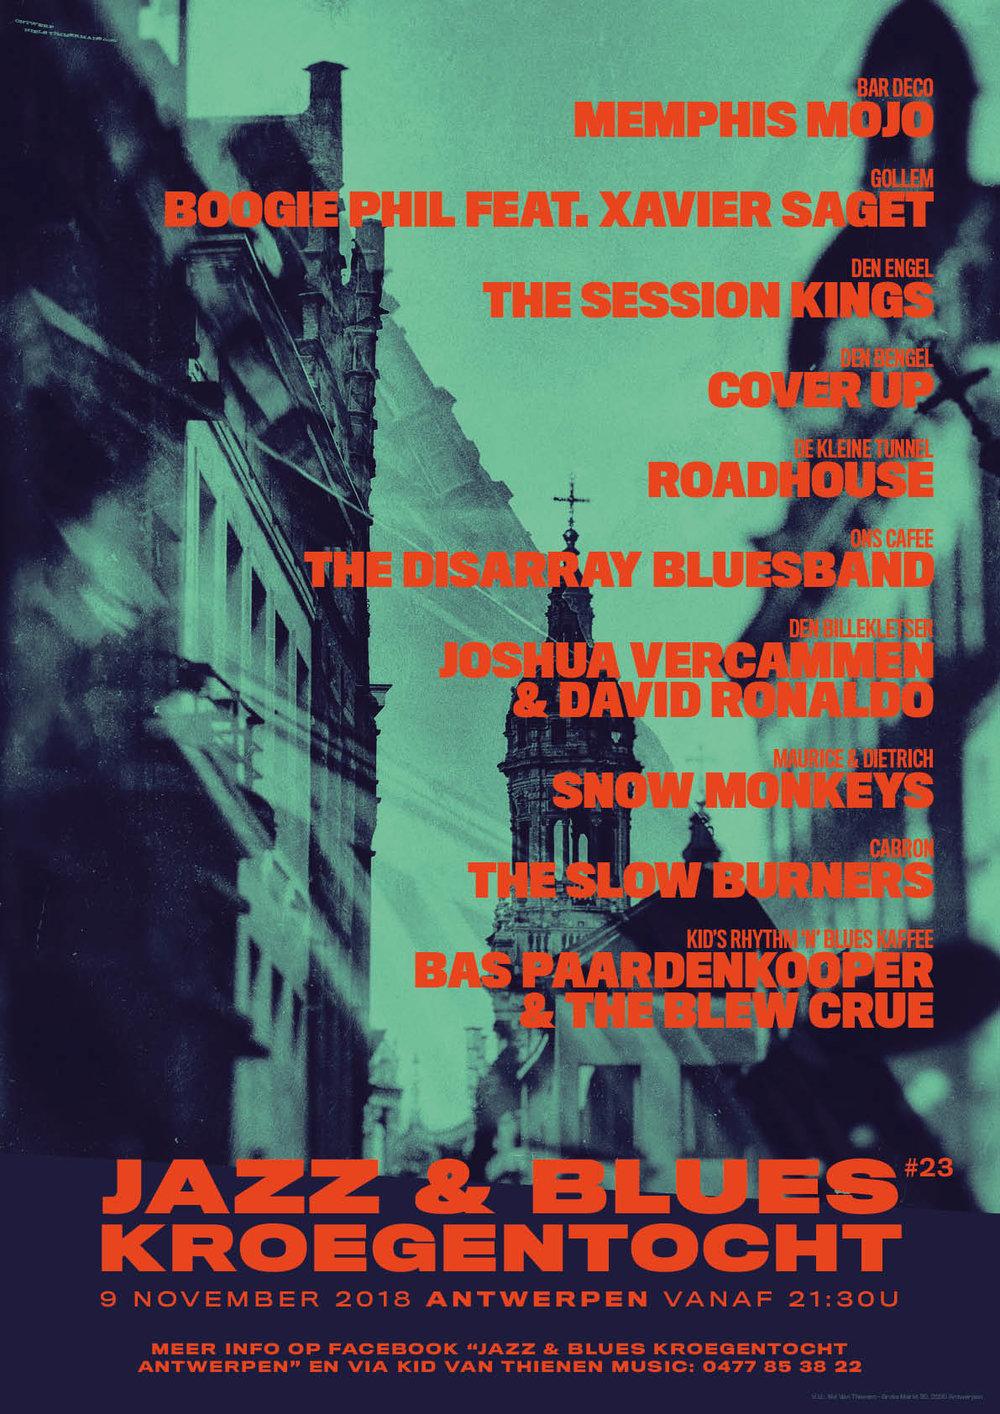 Jazz & Blues Kroegentocht 2018